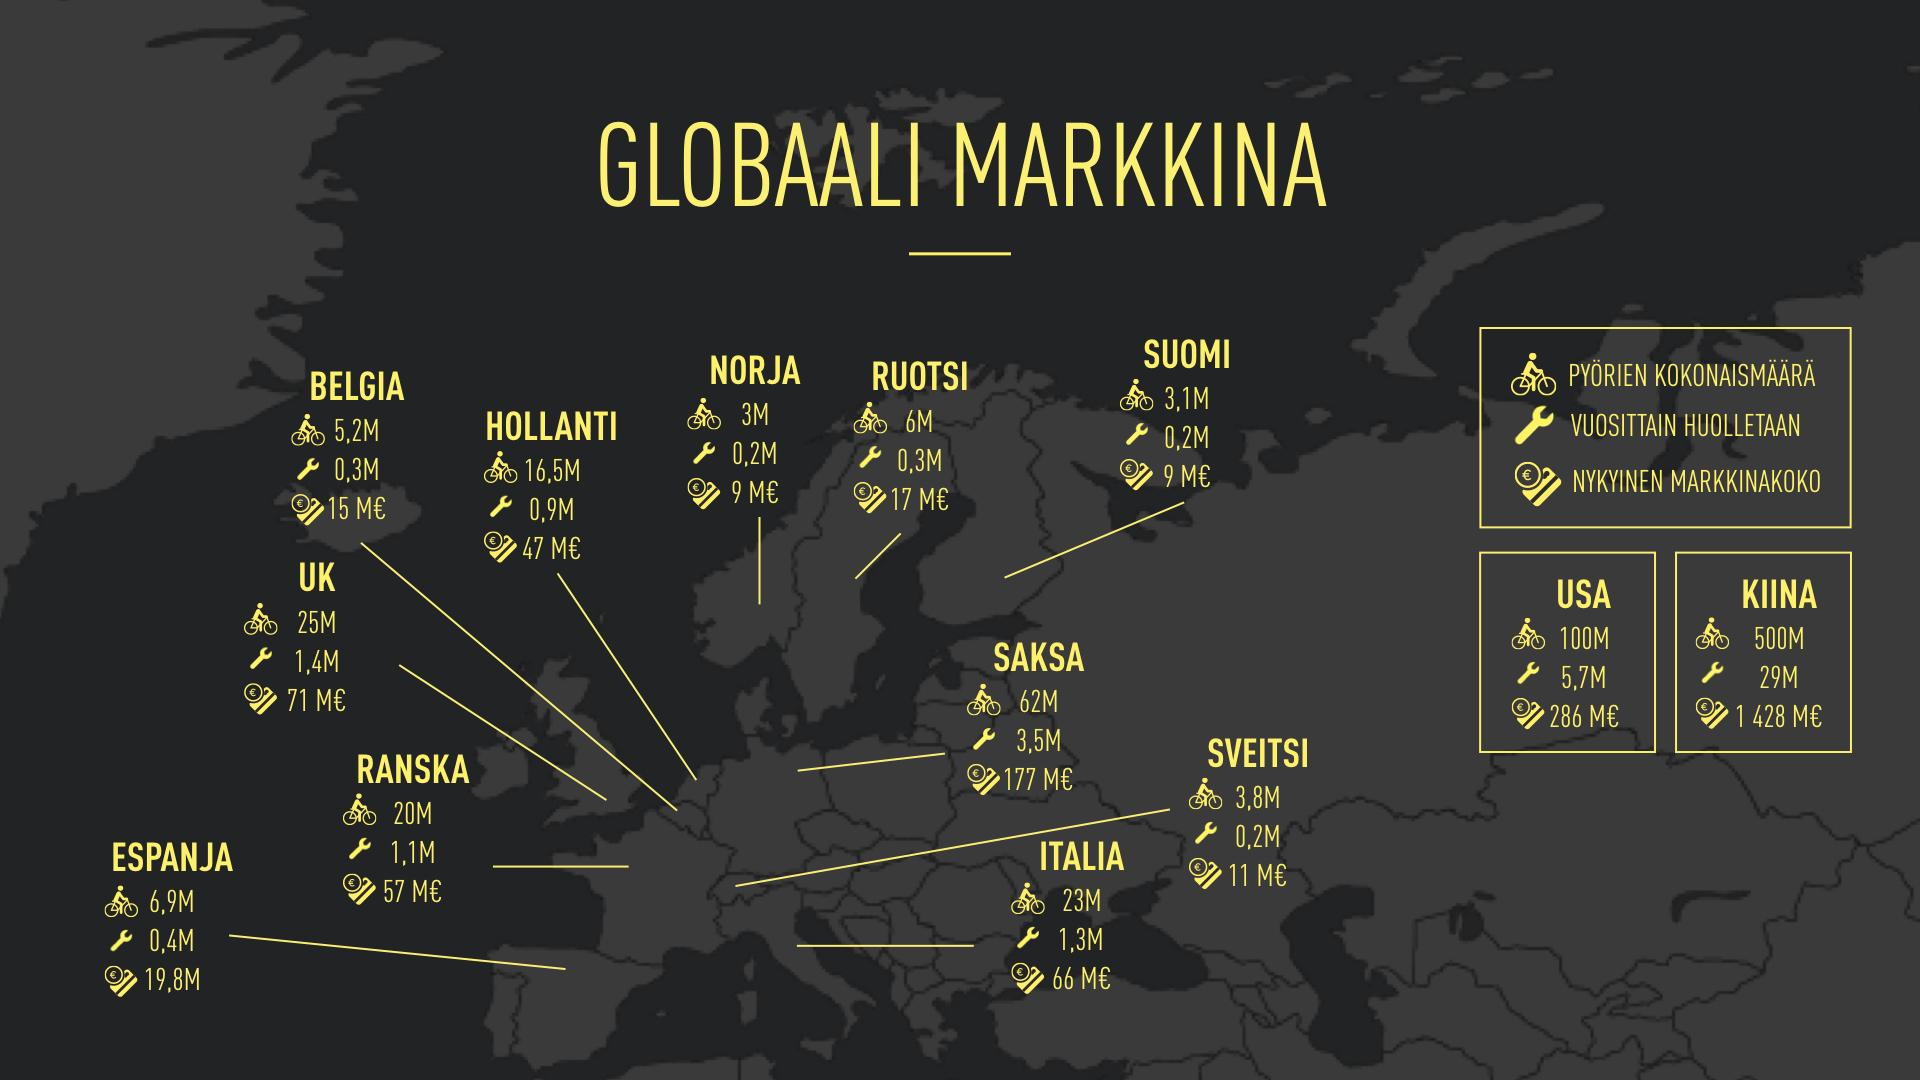 Globaali markkina